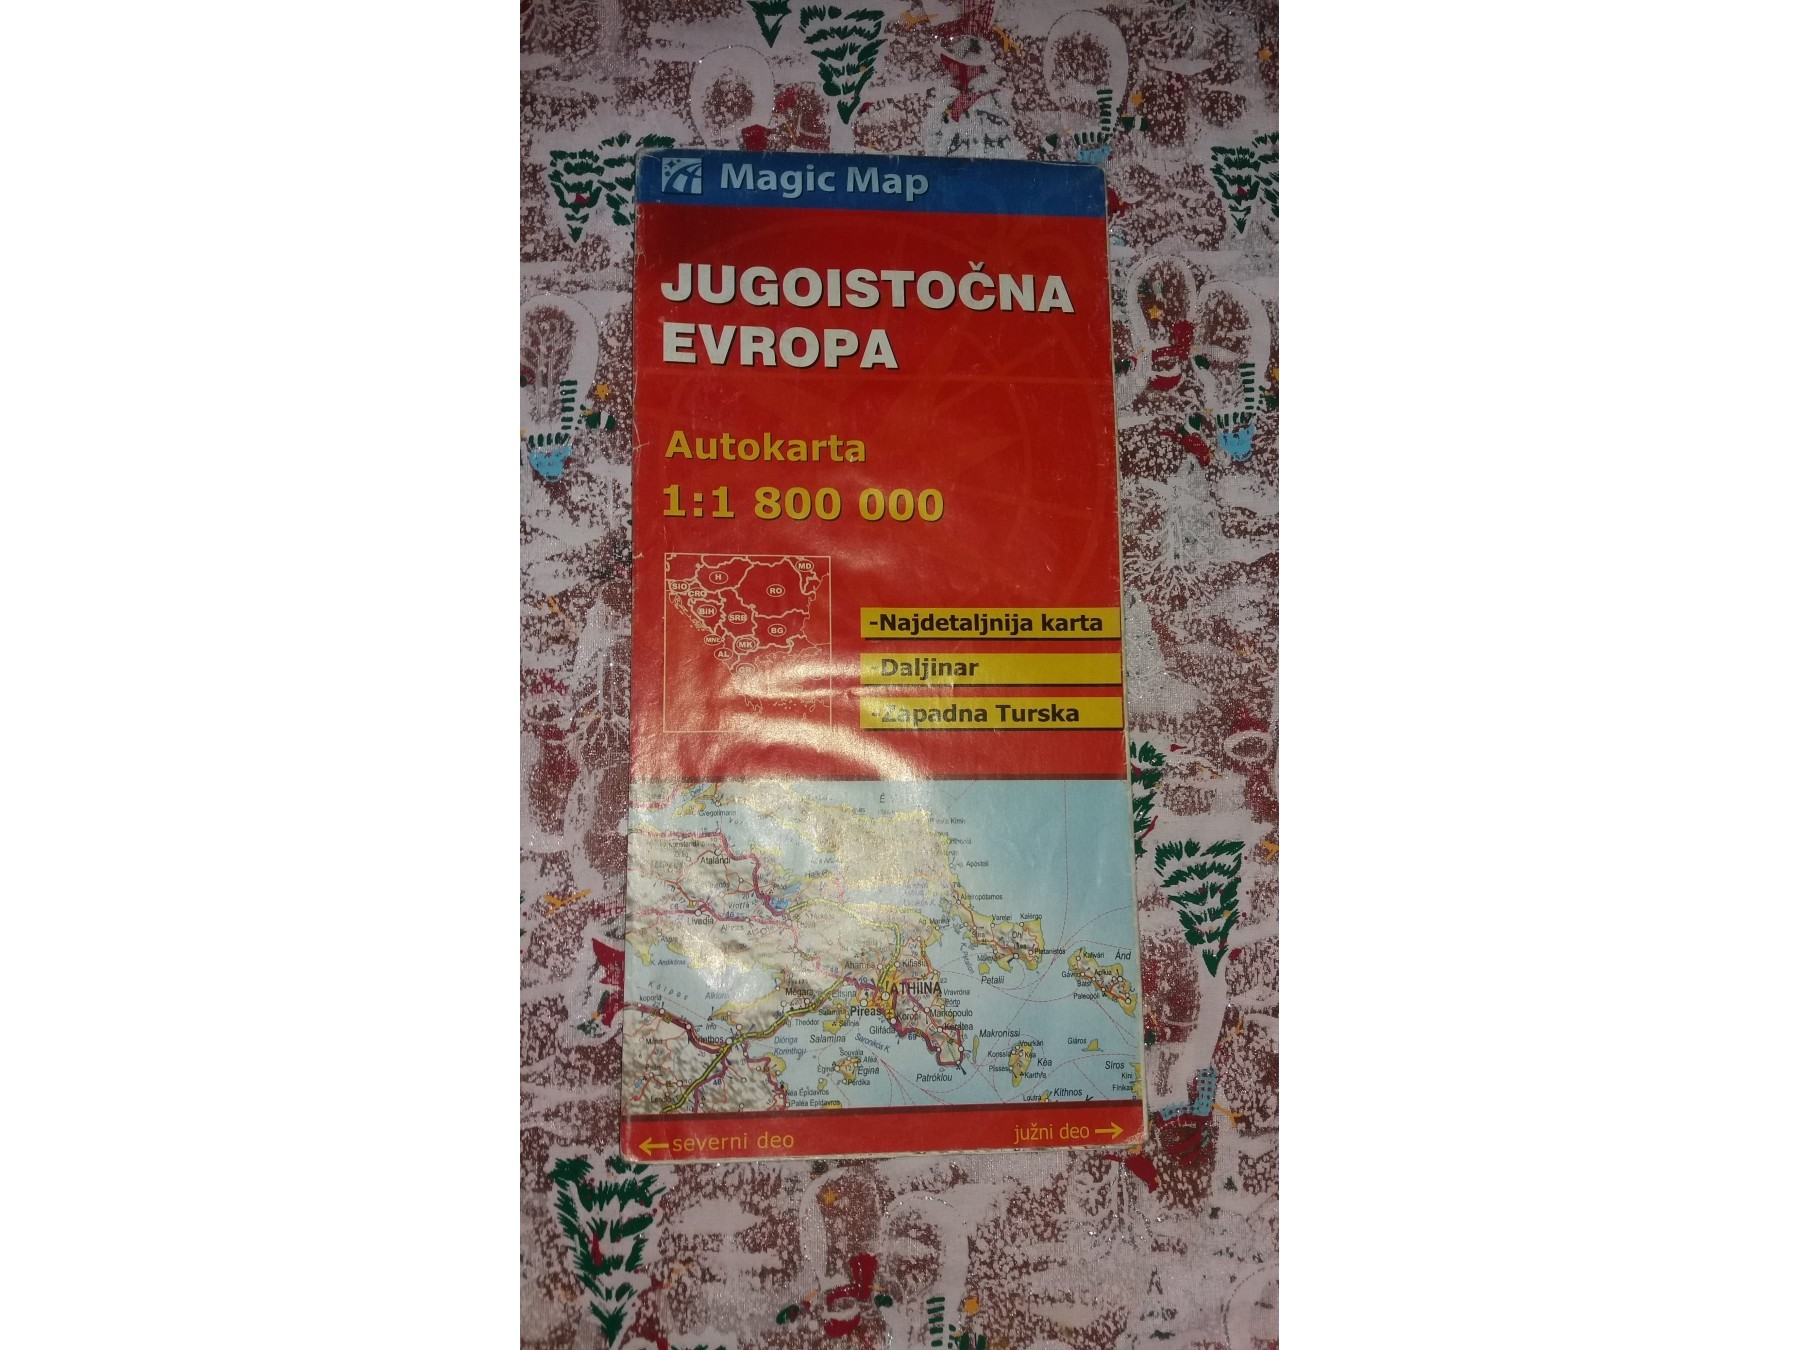 auto karta jugoistocne evrope Autokarta Jugoistocne Evrope   Kupindo.(36913919) auto karta jugoistocne evrope